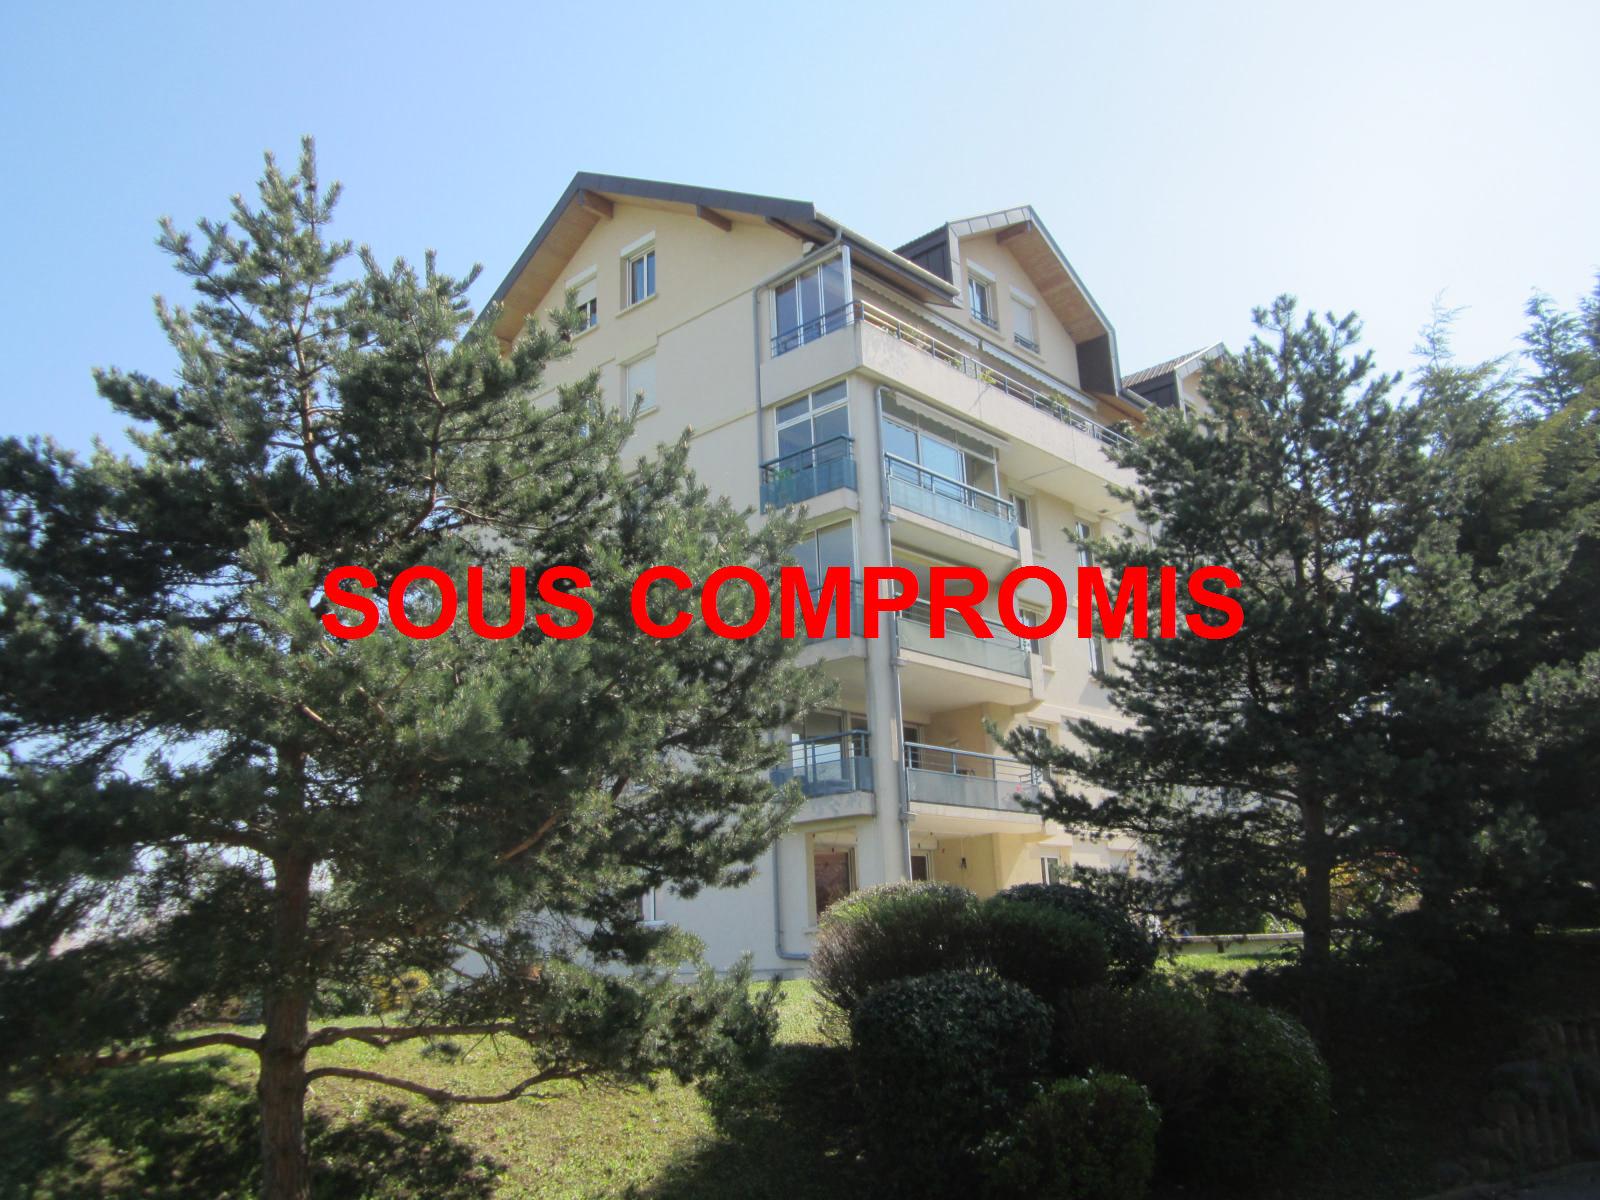 EXCLUSIVITE St Julien-en-Genevois vaste T4 de 125 m² en étage dans résidence de standing: Les Cyclades III SOUS COMPROMIS